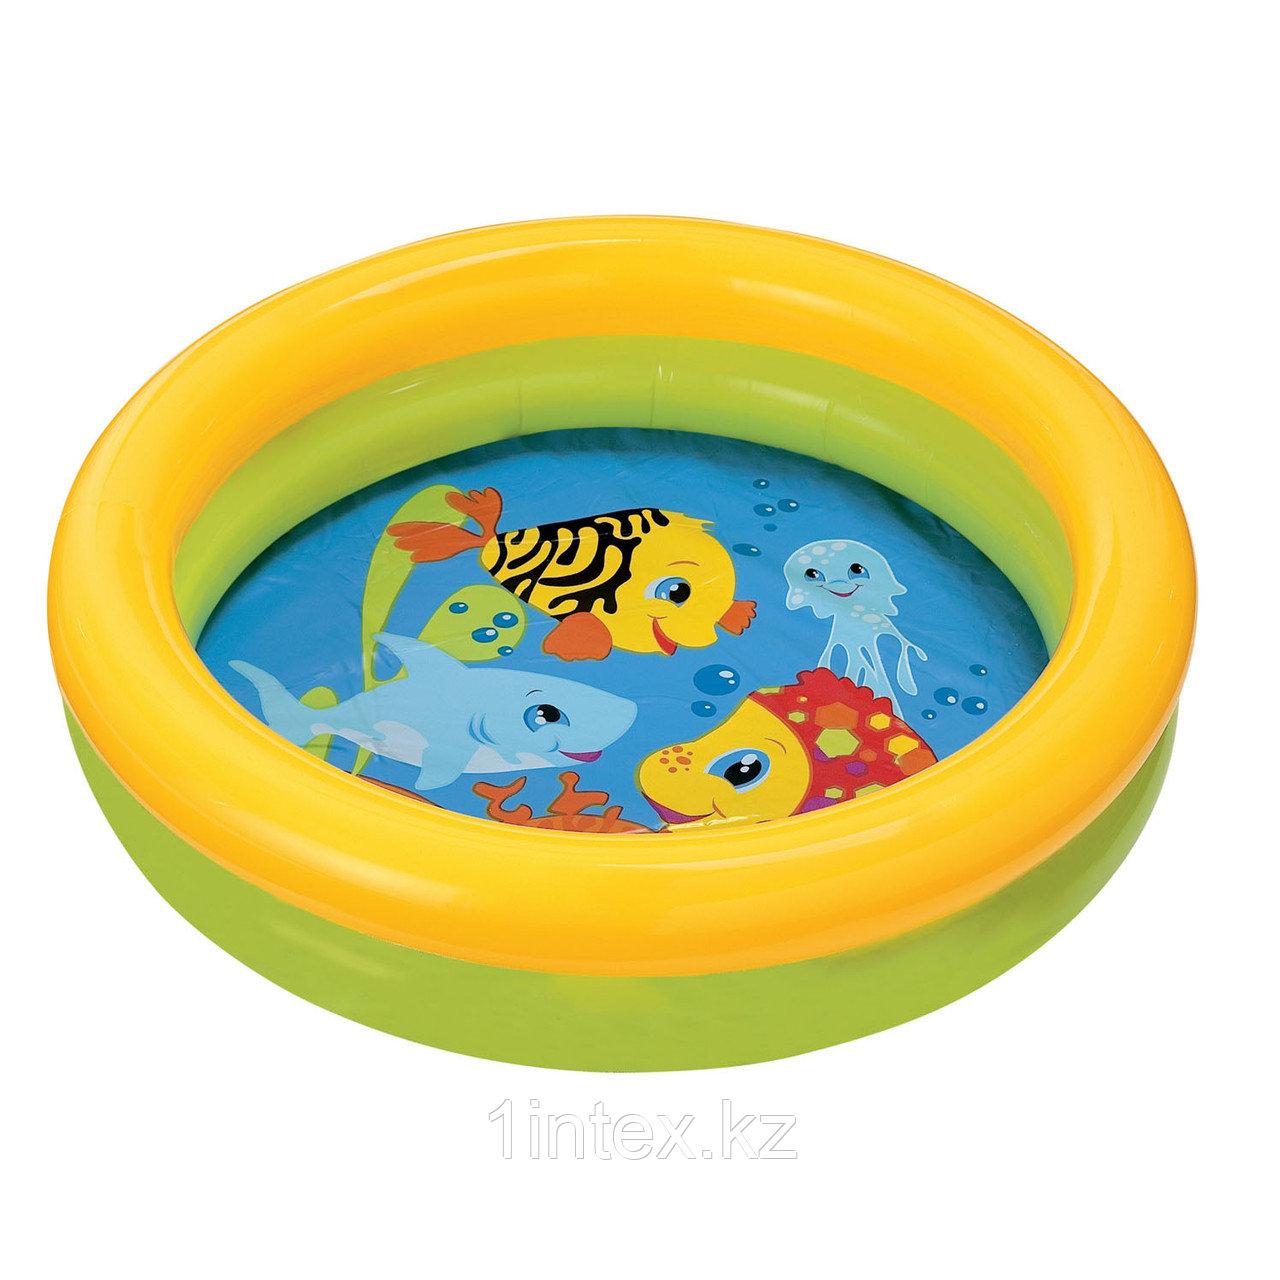 Детский надувной бассейн «Мой первый бассейн»